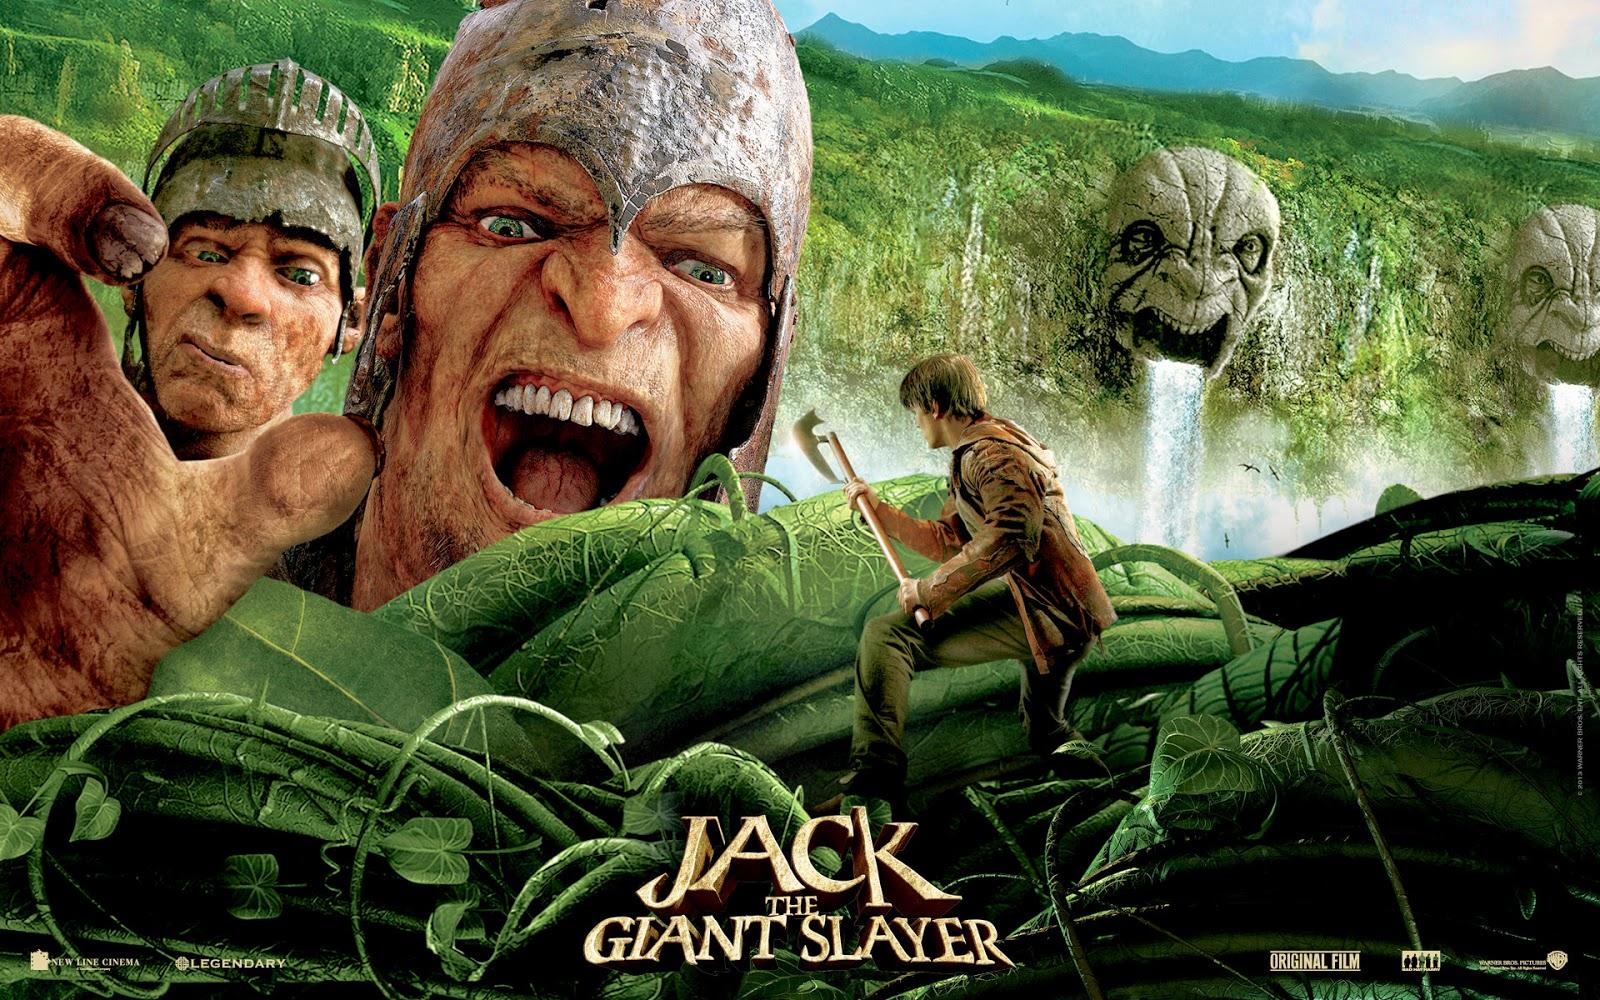 ΤΑΙΝΙΑ – Jack the giant slayer – Τζακ ο Κυνηγός Γιγάντων